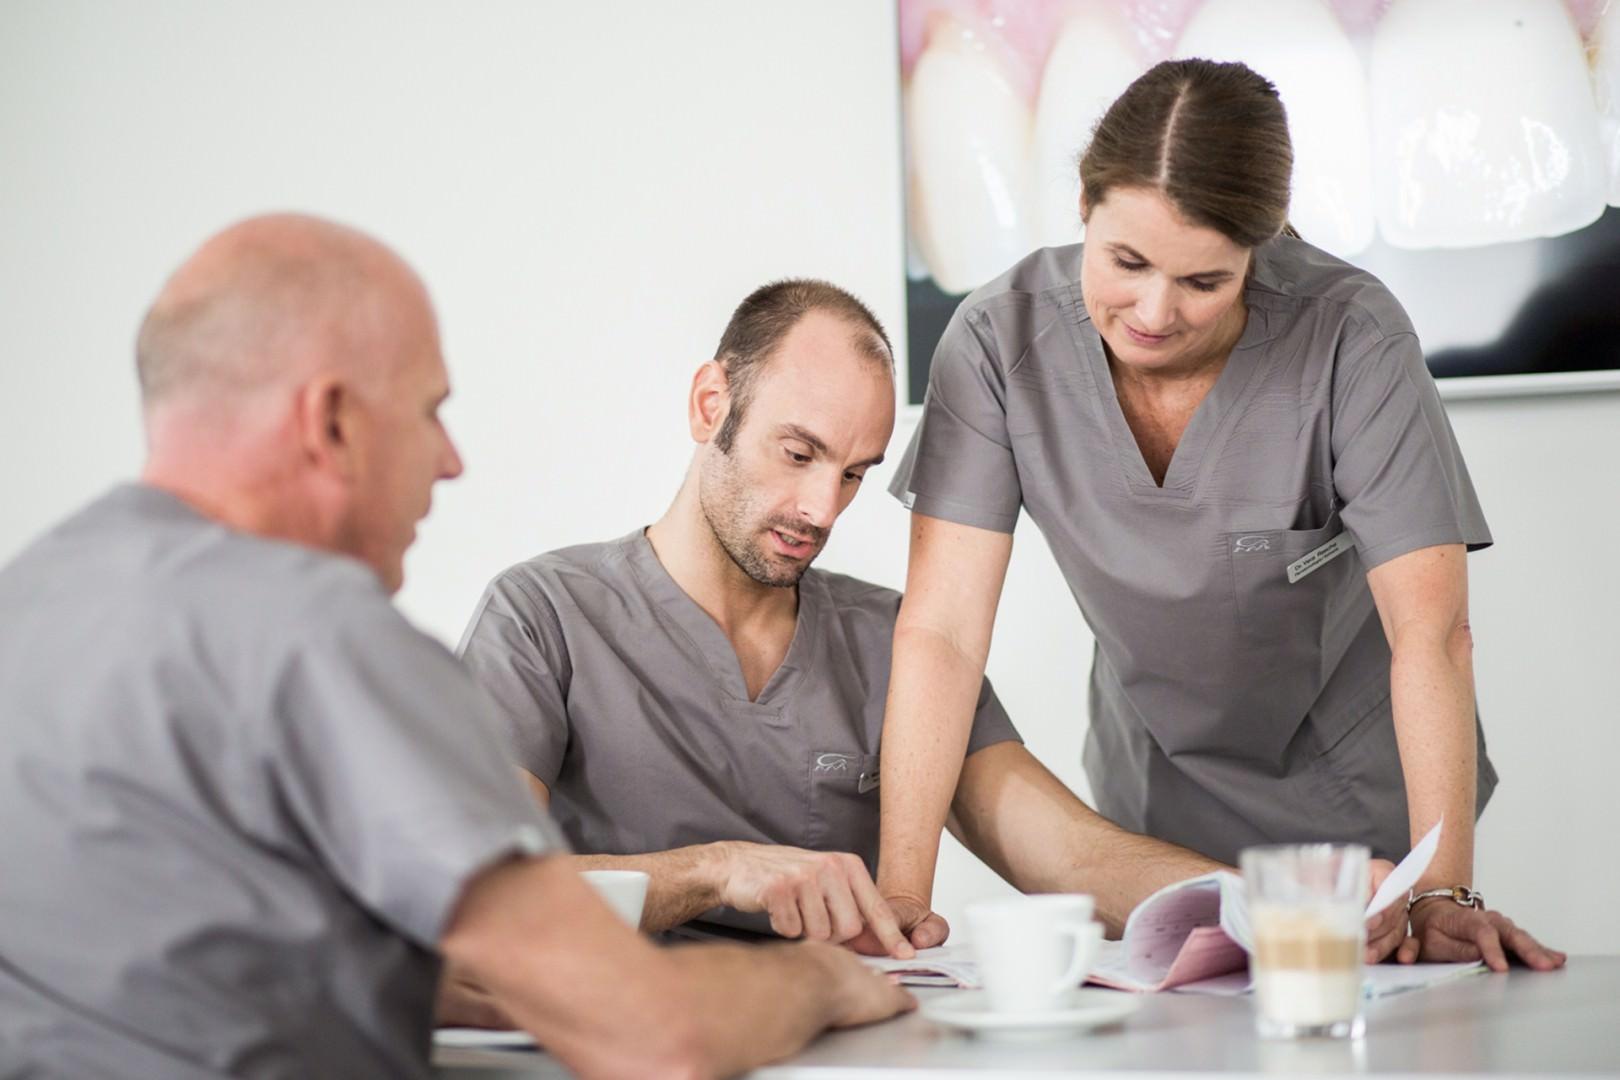 Teambesprechung Dr. Martin Schneider, Dr. Markus Bechtold, Frau Dr. Rasche